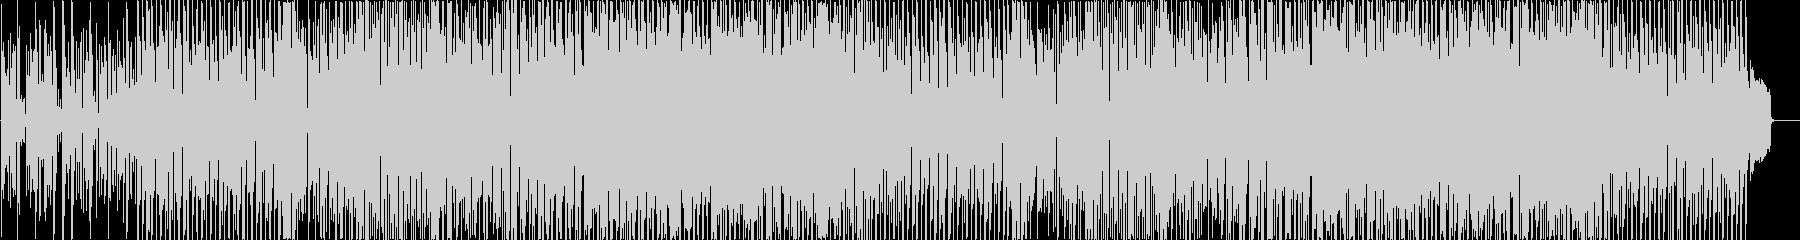 元気の出るかわいいシンセメロのディスコの未再生の波形